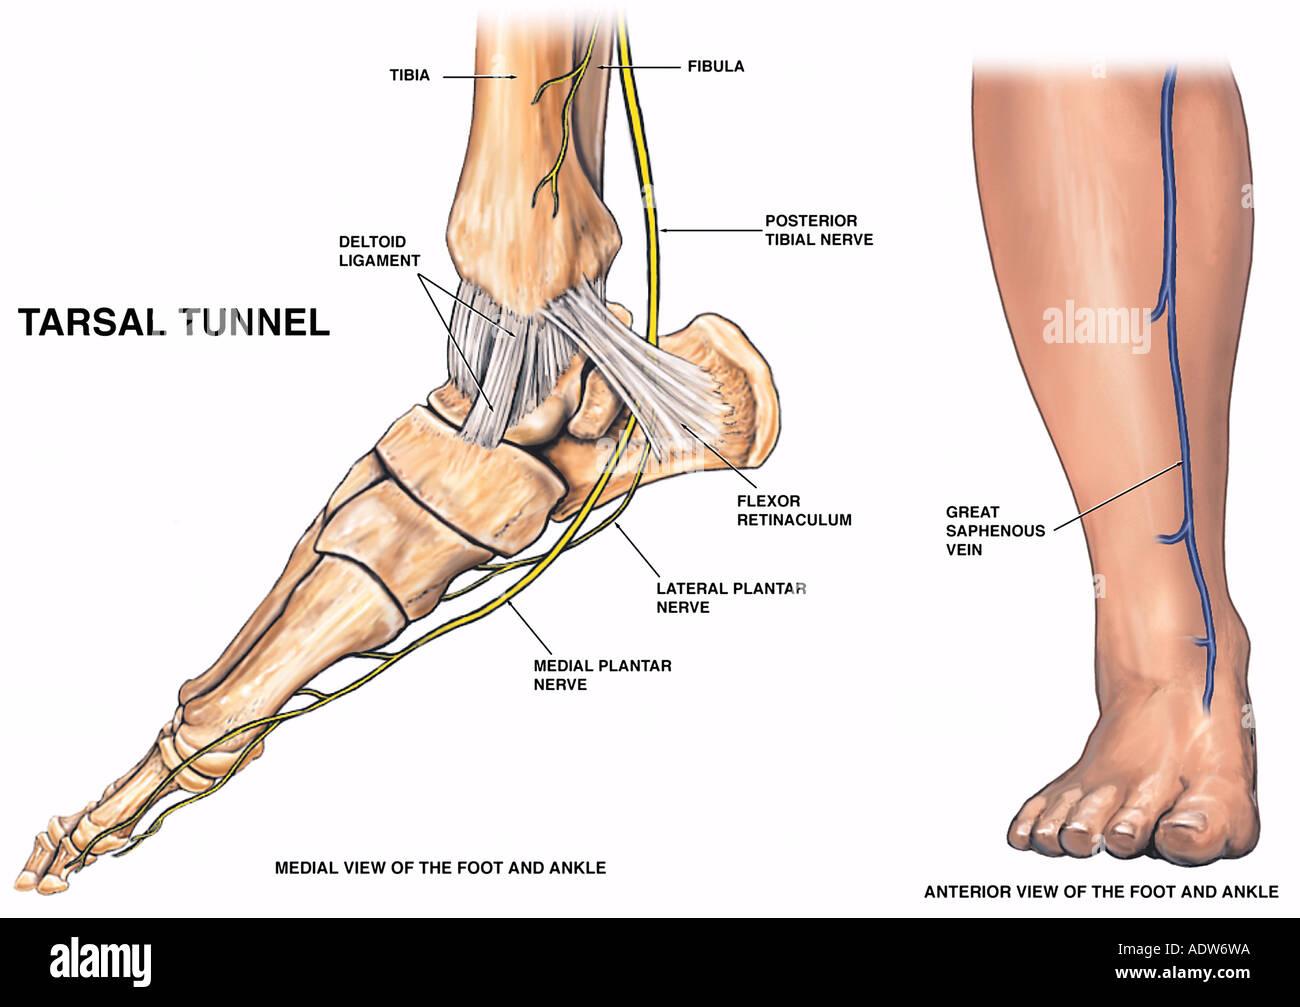 Anatomie der unteren Bein und Fuß Stockfoto, Bild: 7712281 - Alamy